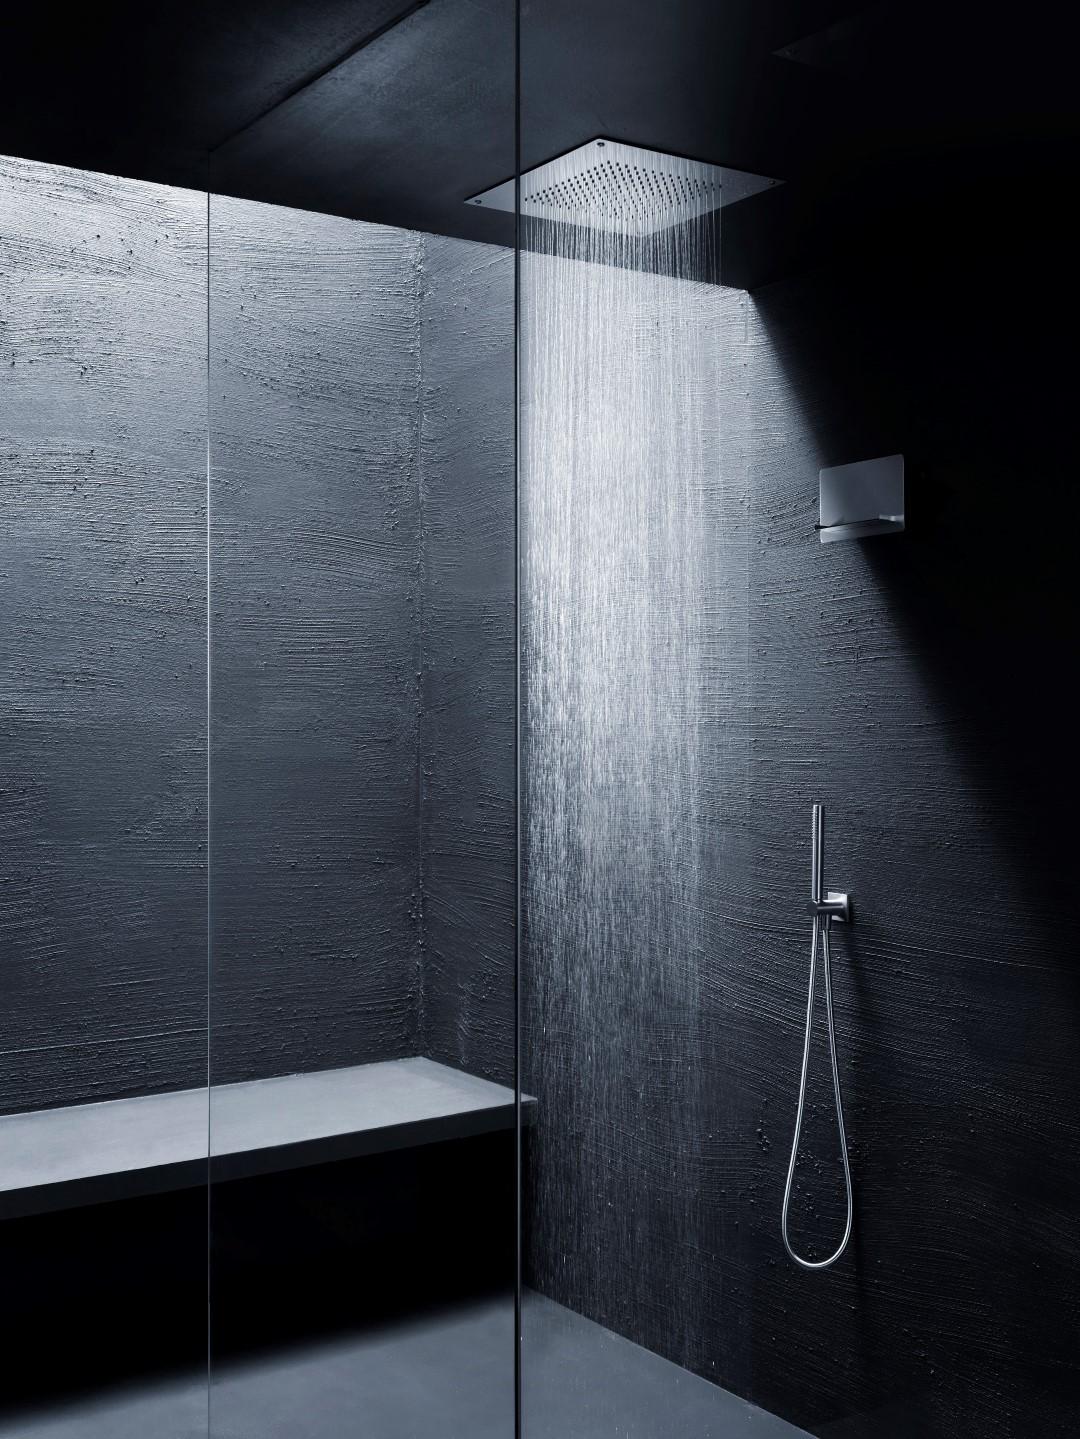 Soffione quadrato 400x400 in acciaio da incasso finitura acciaio lucido bagno italiano - Soffione doccia da incasso ...